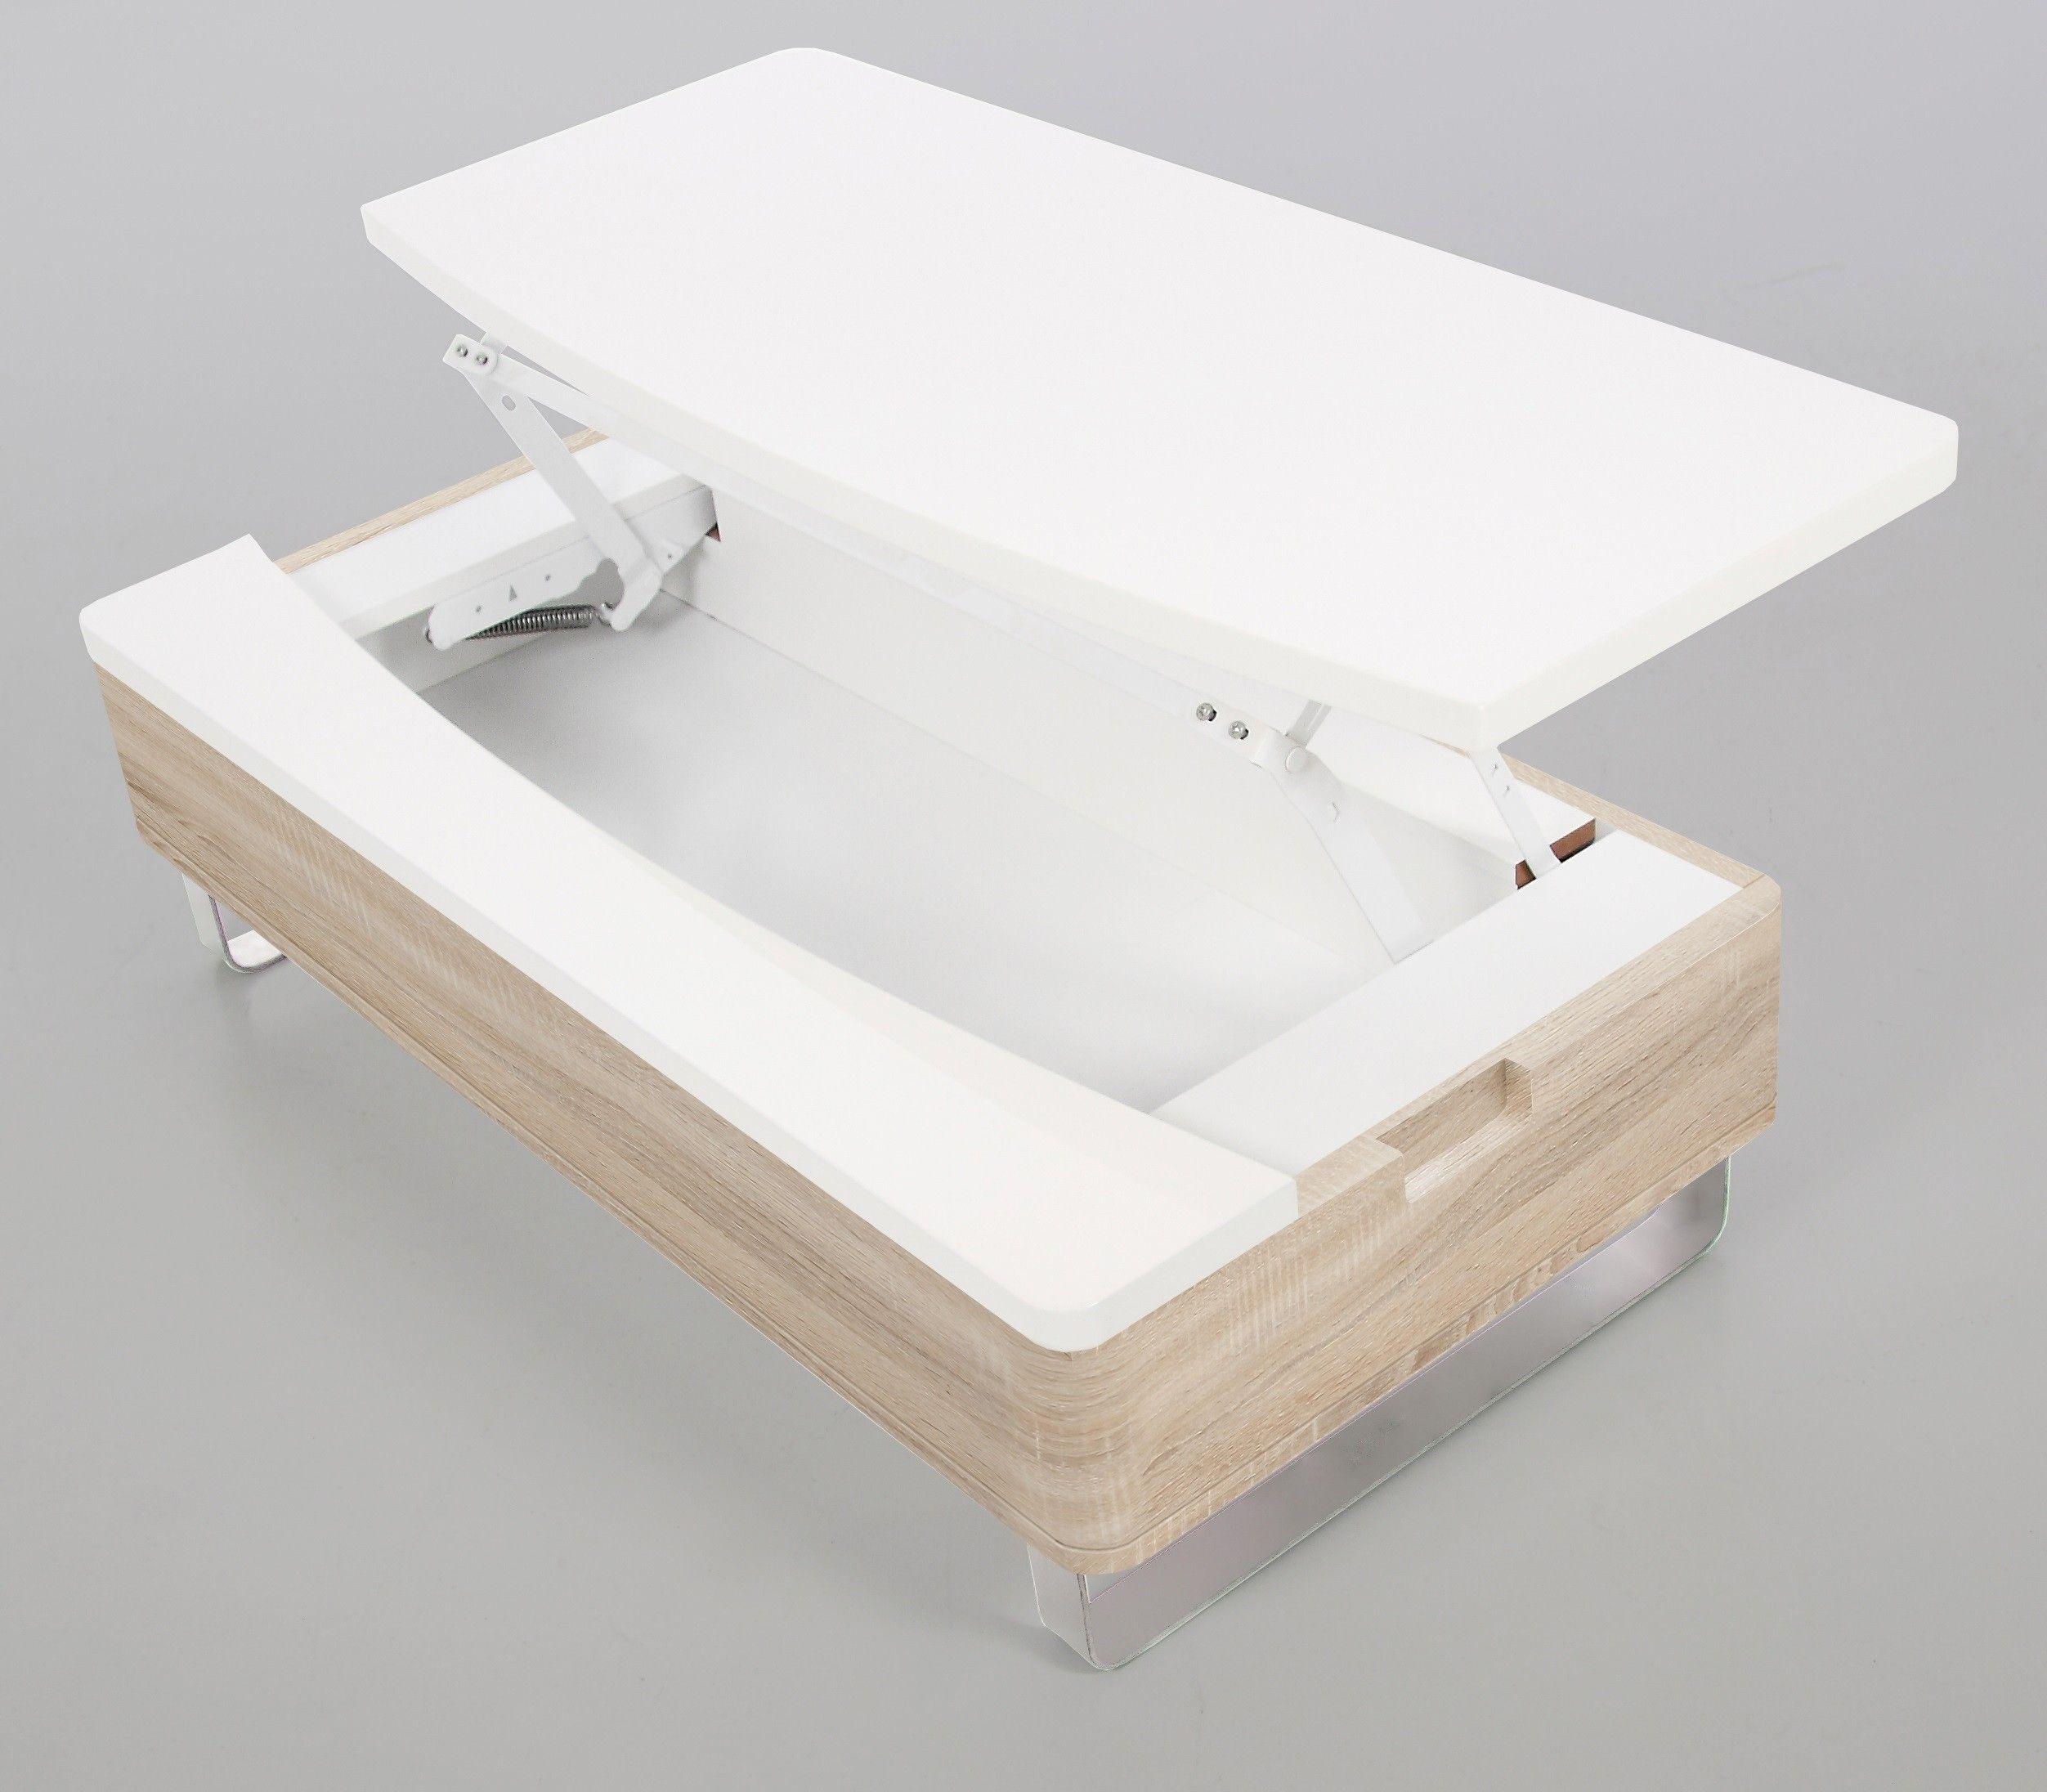 Elegant Table Basse Bois Et Blanc Id Es De Conception De Table Basse # Table Basse Blanche Et Bois